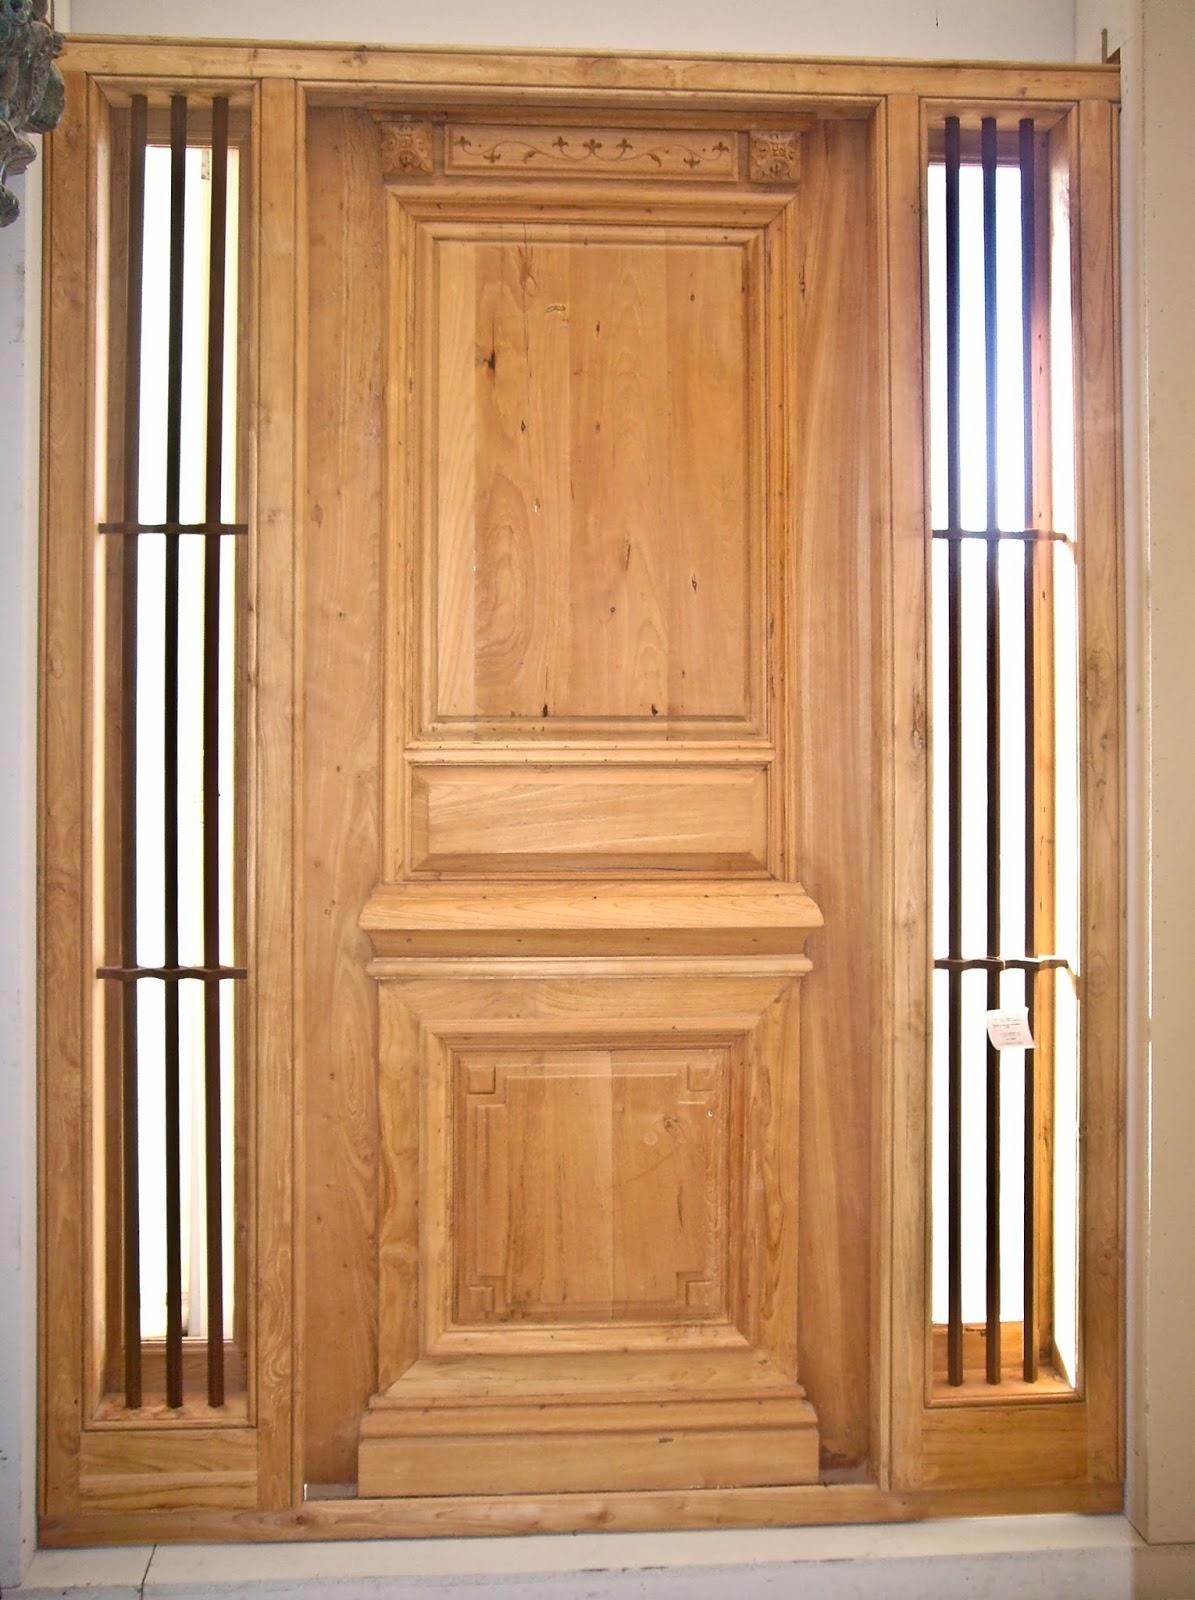 Puertas de madera imagenes de puertas de madera exterior - Puerta de madera exterior ...